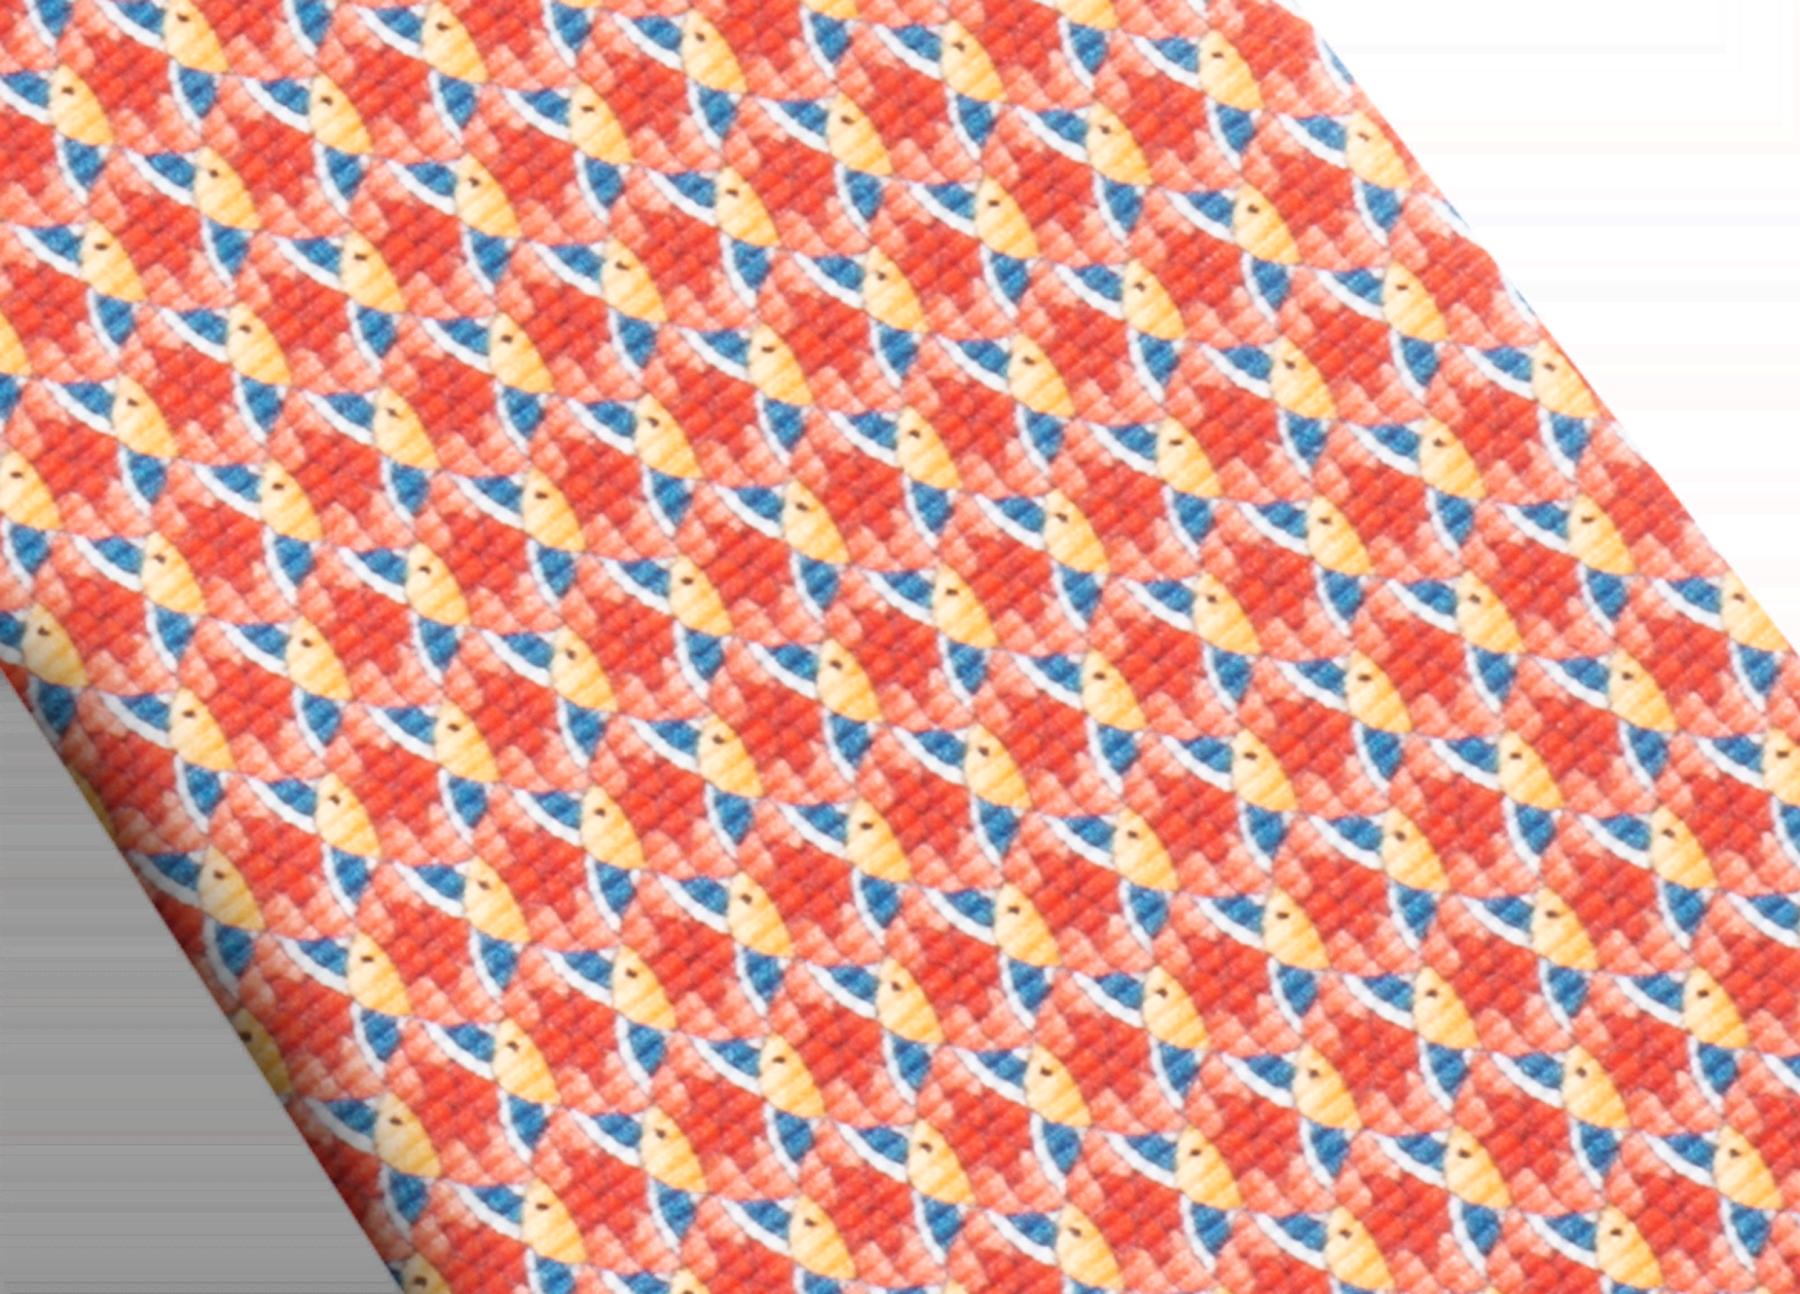 Cravate sept plis Fish Divine rouge en fine serge de soie imprimée. 244154 image 2